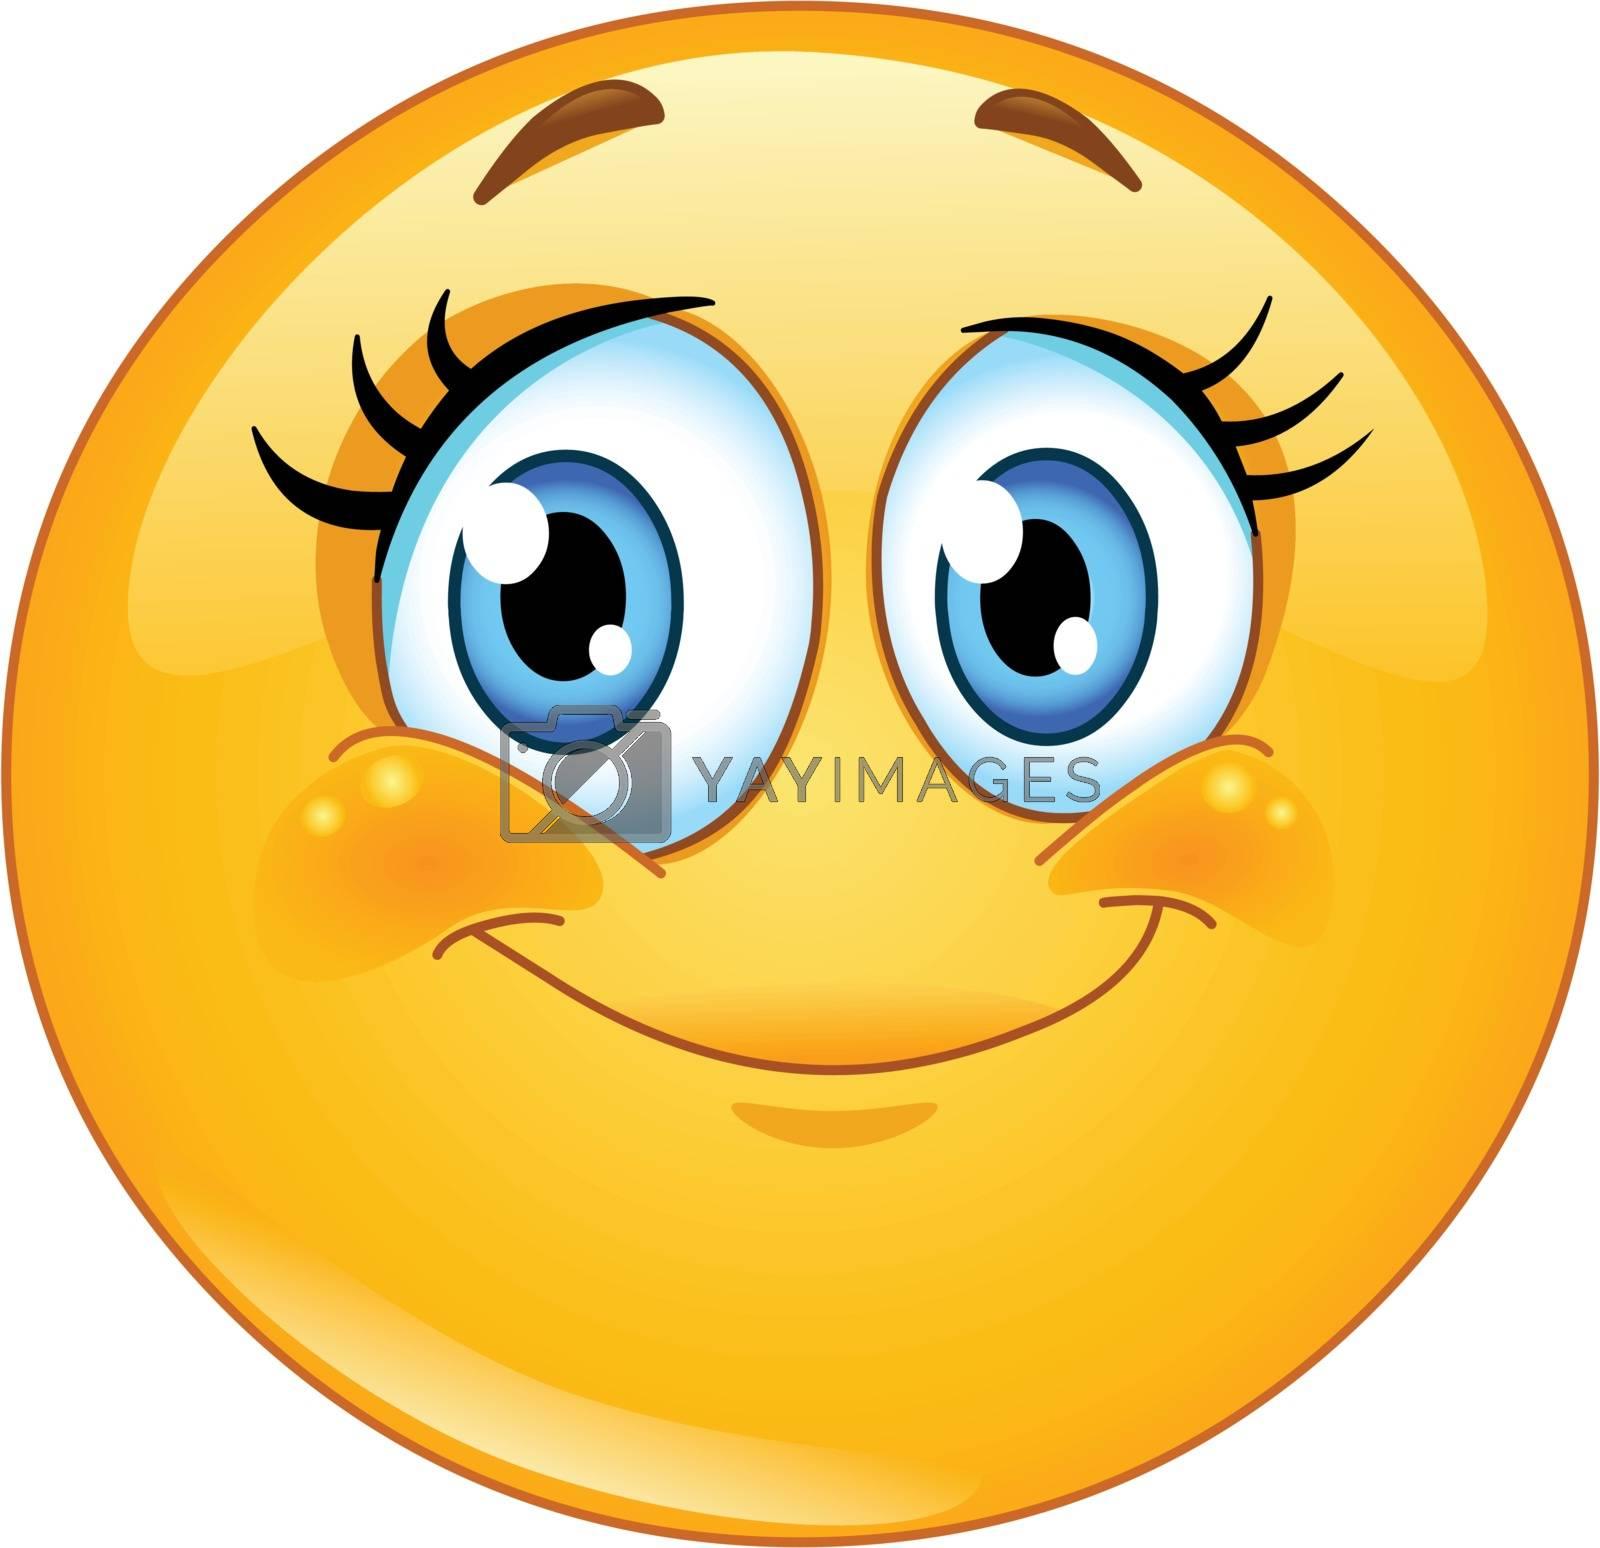 Royalty free image of Eyelashes emoticon by yayayoyo